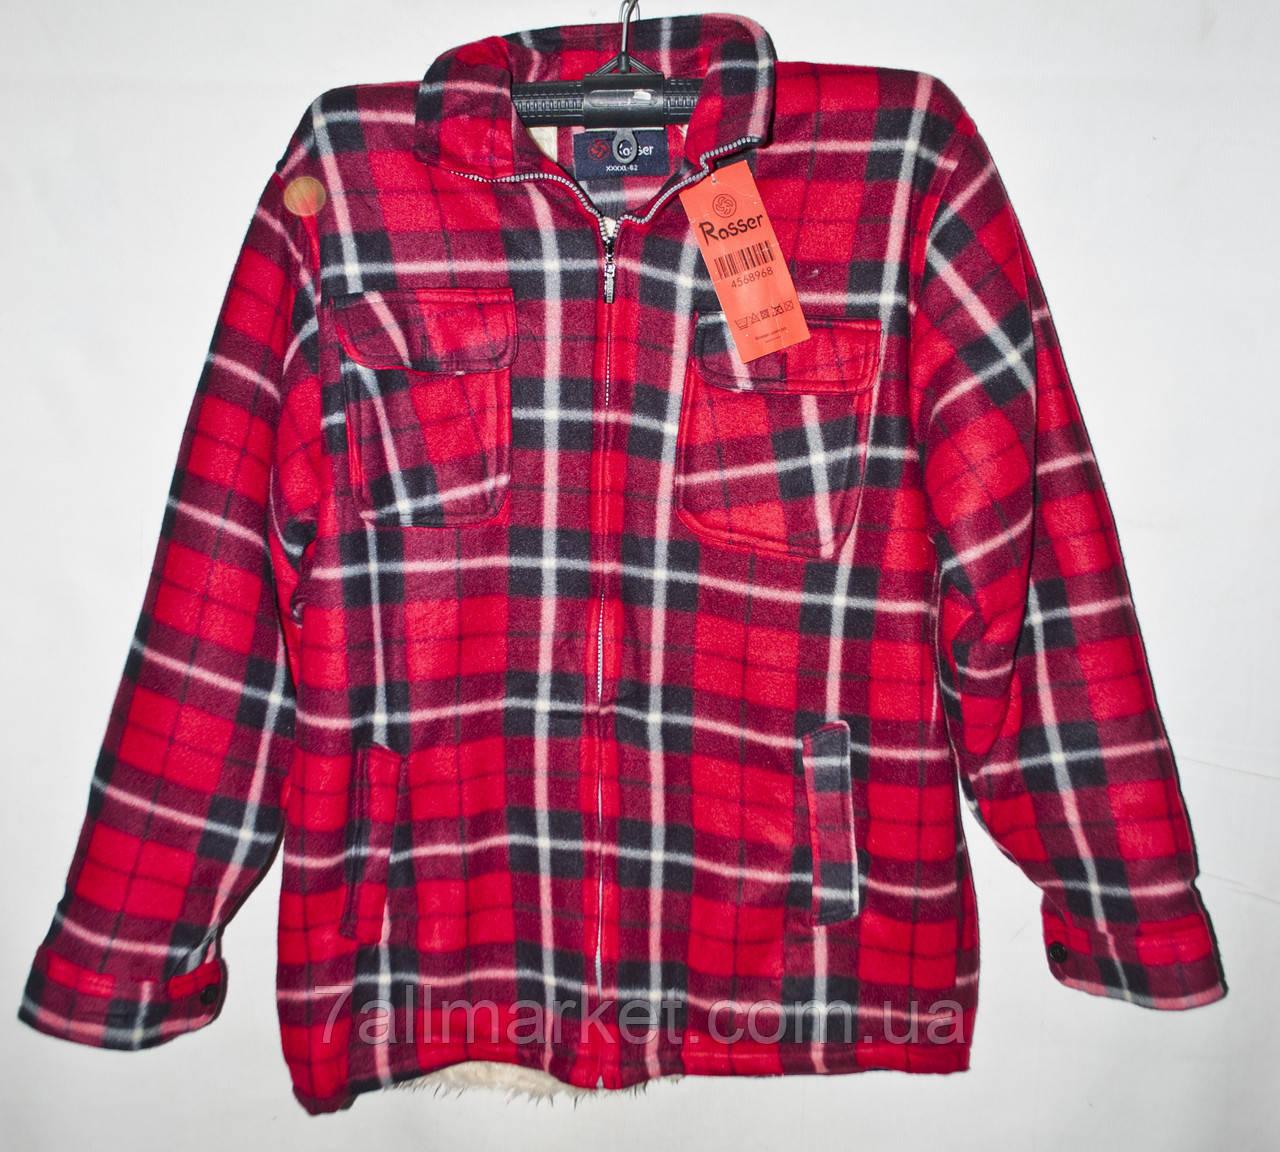 """Рубашка мужская в клетку байковая на меху размеры XL-5XL (2цвета) Серии """"GIFT"""" купить оптом в Одессе на 7 км"""